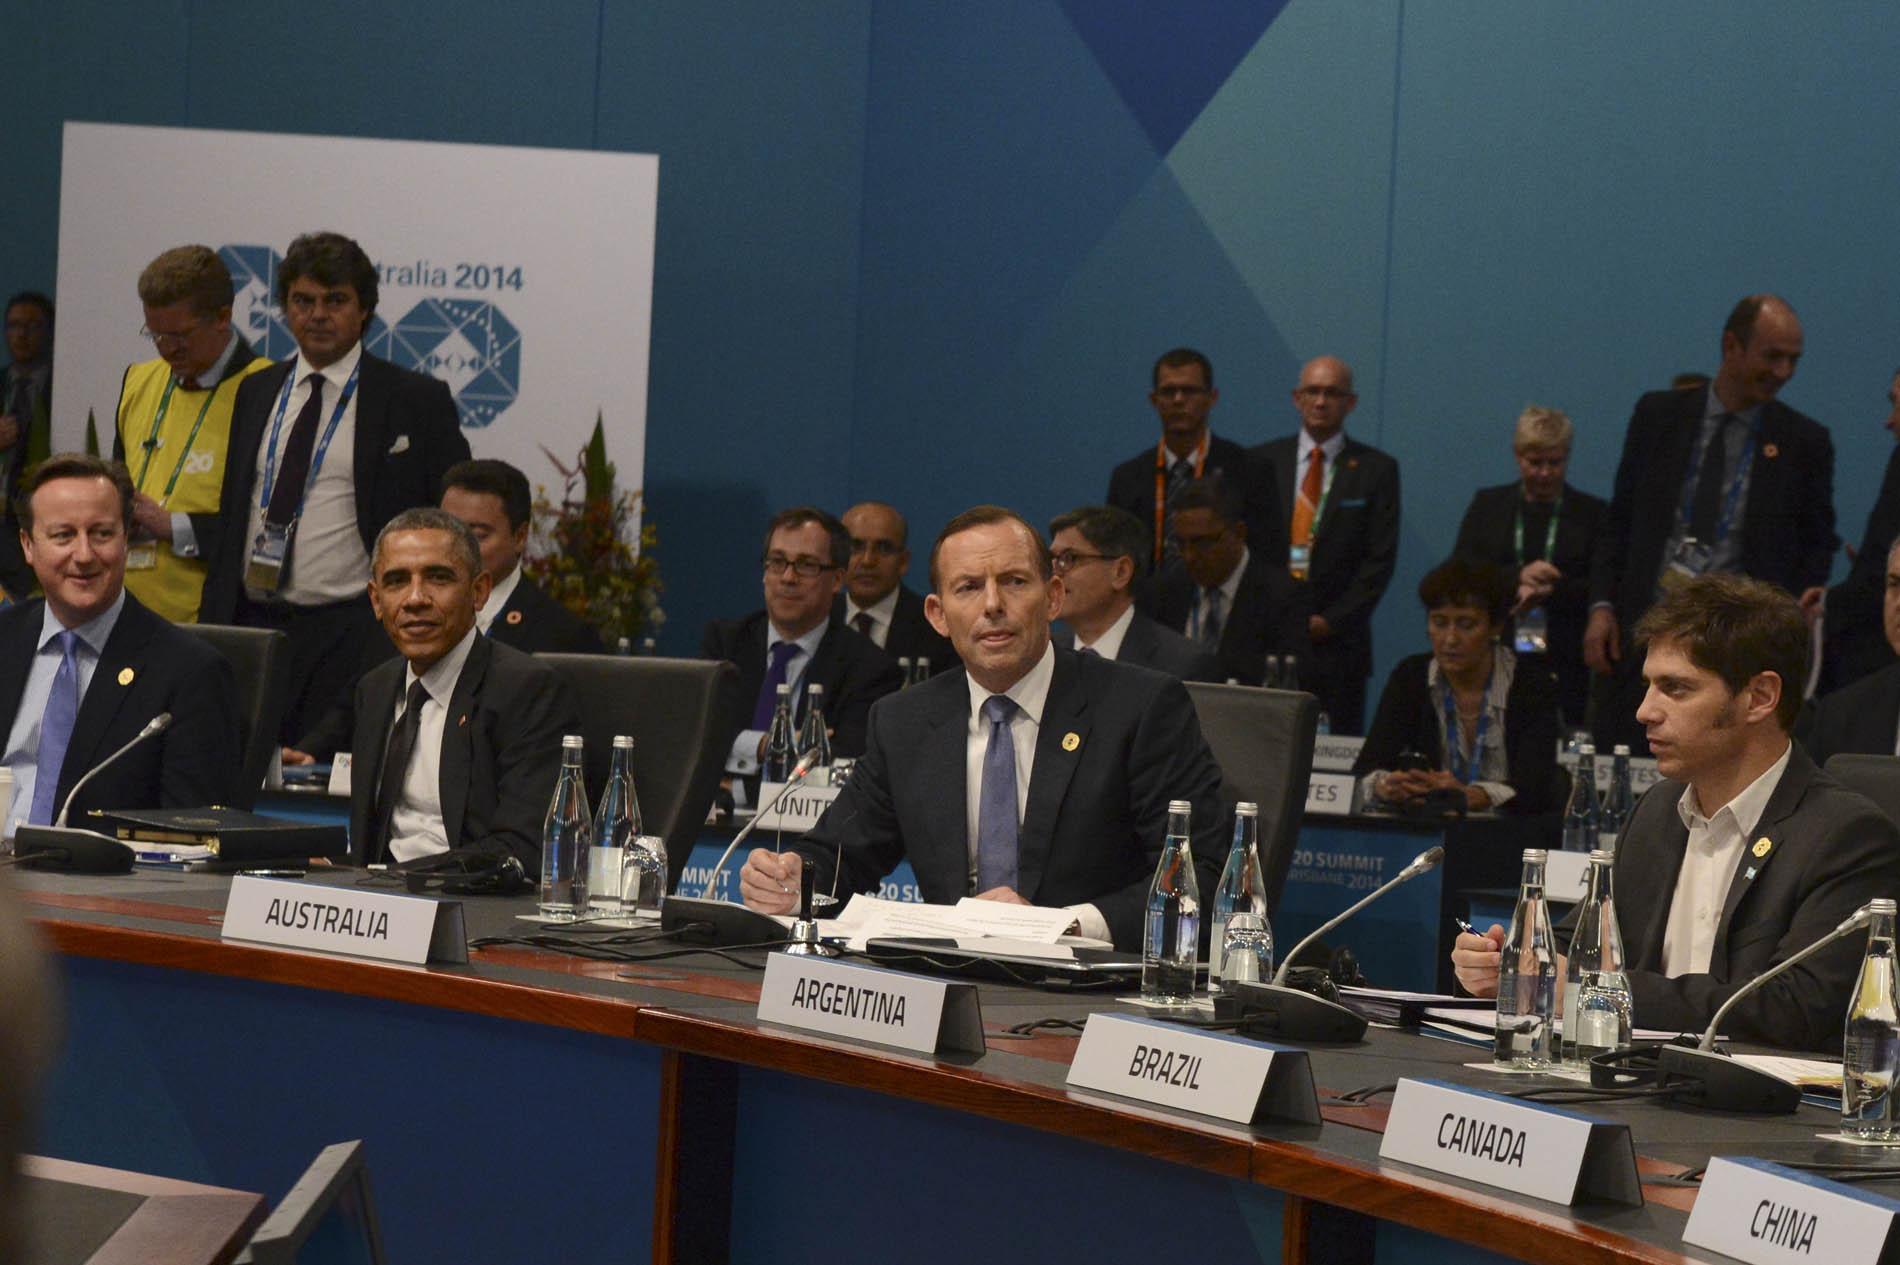 G20 Australia Kirchner